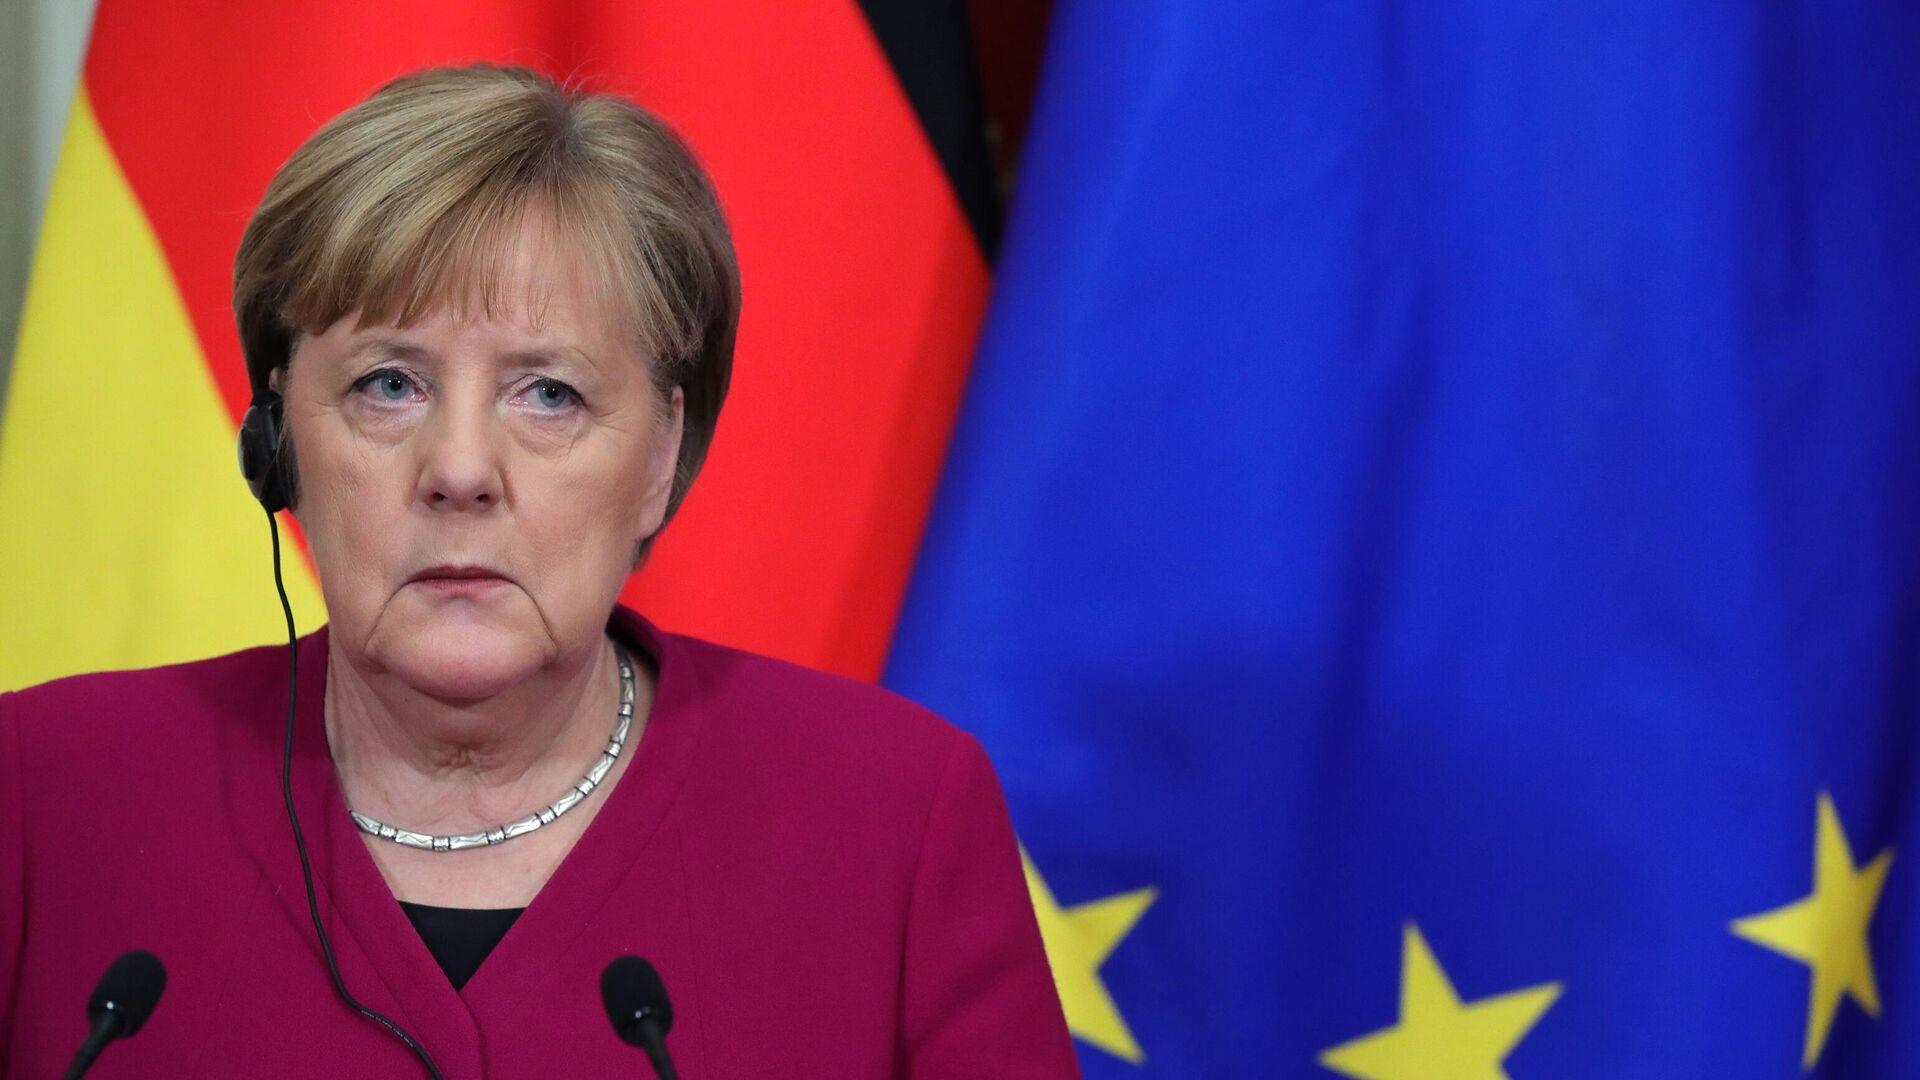 Федеральный канцлер Германии Ангела Меркель во время совместной с президентом РФ Владимиром Путиным пресс-конференции по итогам встреч - РИА Новости, 1920, 22.02.2021